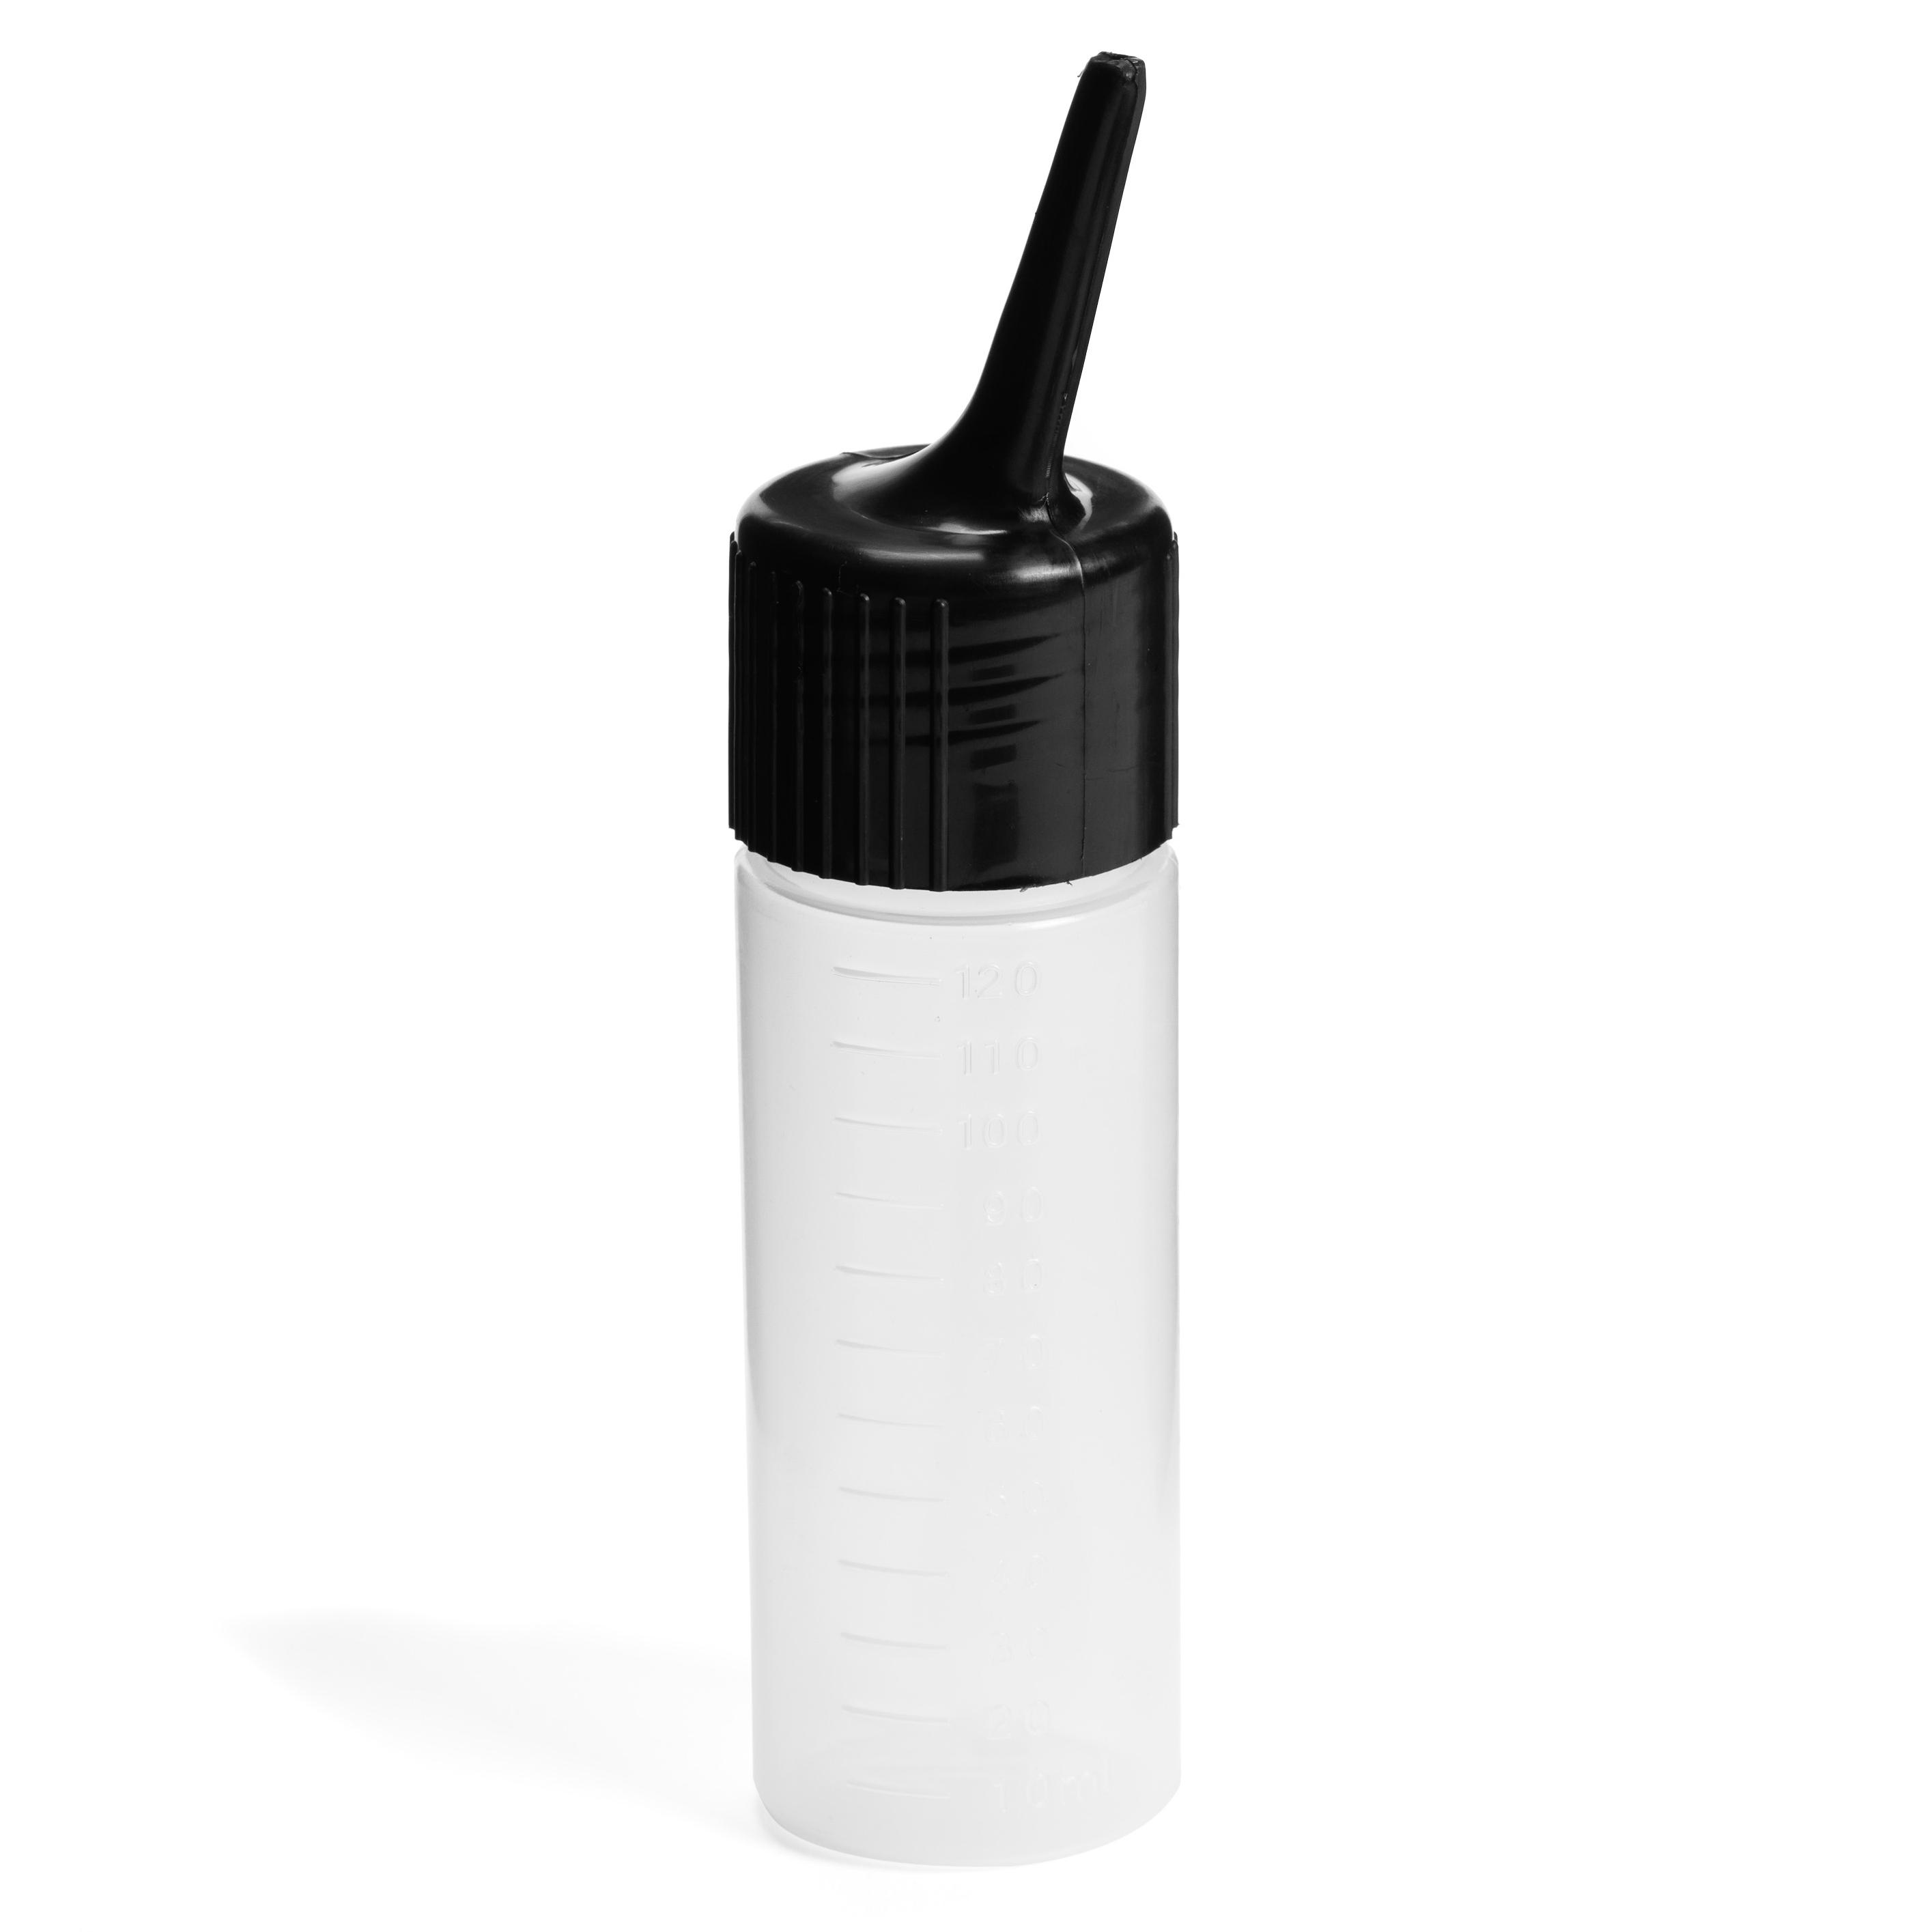 Aplikační láhev s odměrkou černá 9311, 120ml